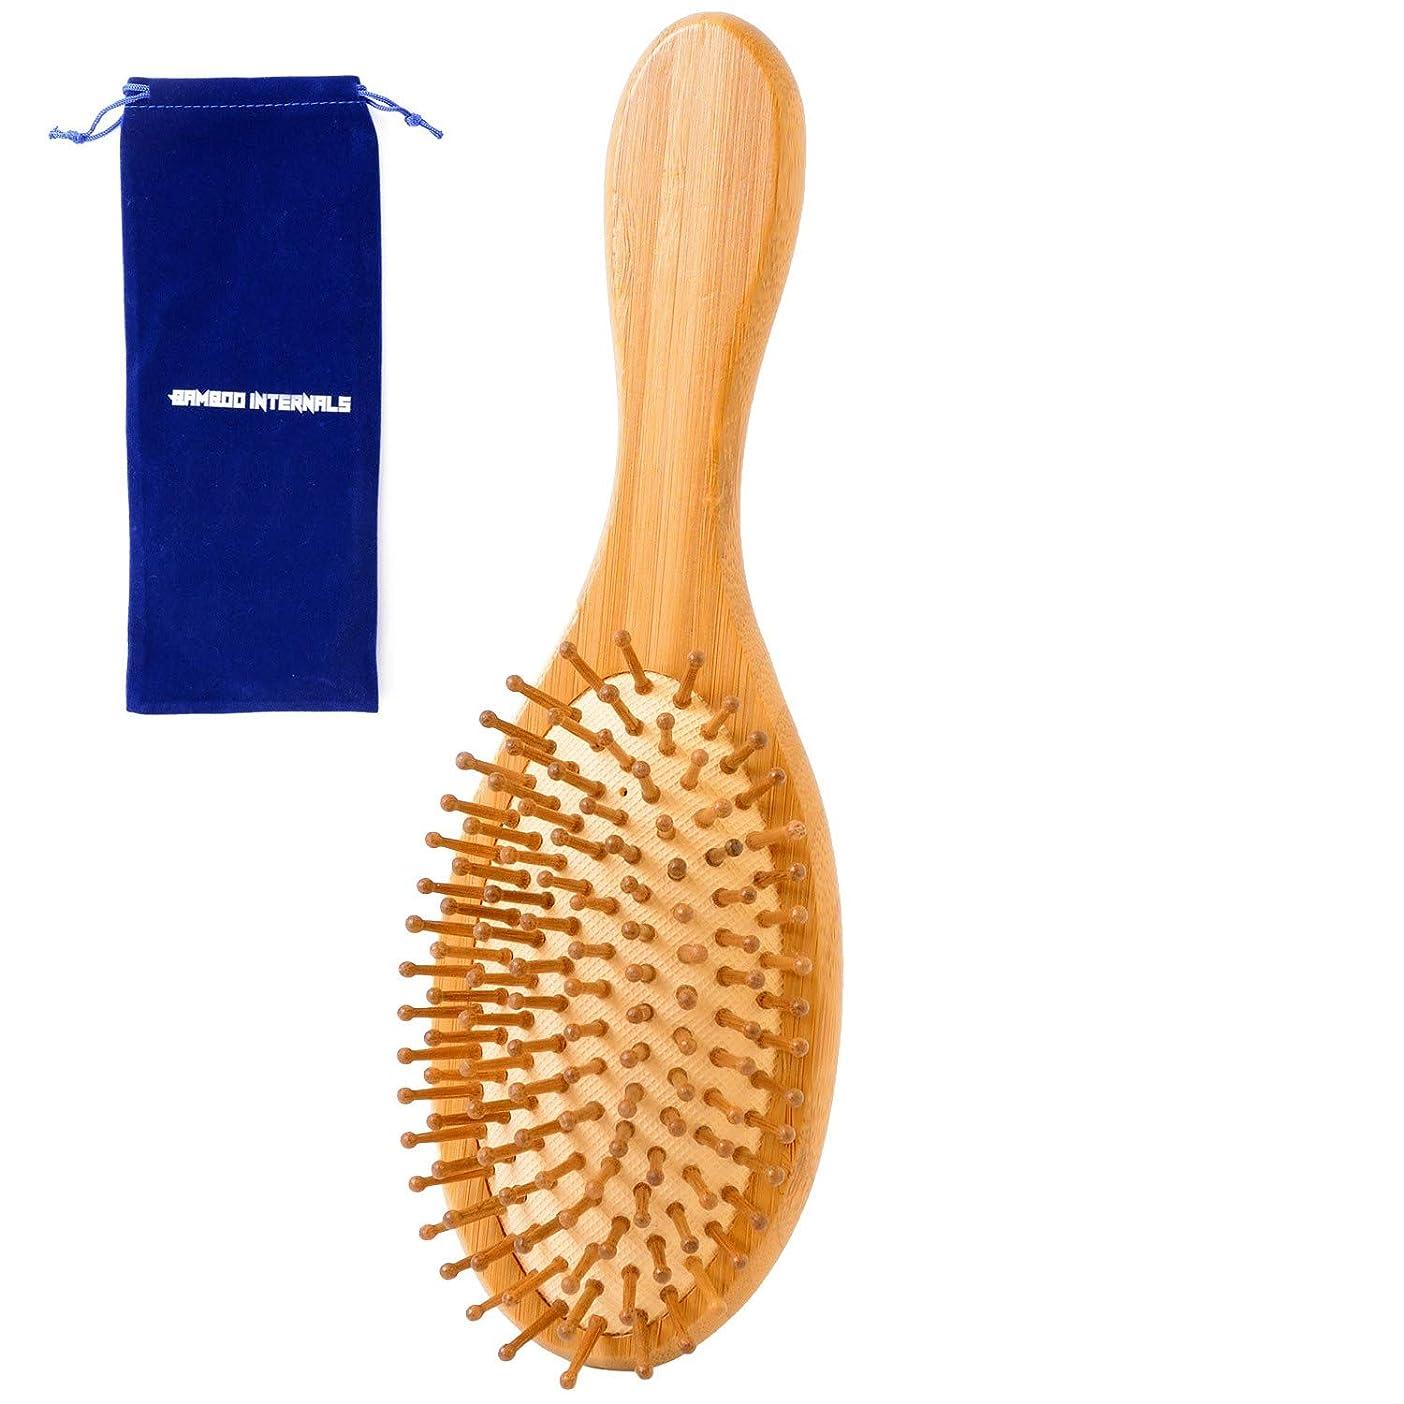 解き明かす免疫する前述の《Bamboo Internals》 ヘアブラシ だ円型 クッションブラシ ヘアケア 頭皮マッサージ 血行促進 美髪ケア 天然素材 おしゃれ かわいい 木製 竹製 交換ピン付き 収納袋付き